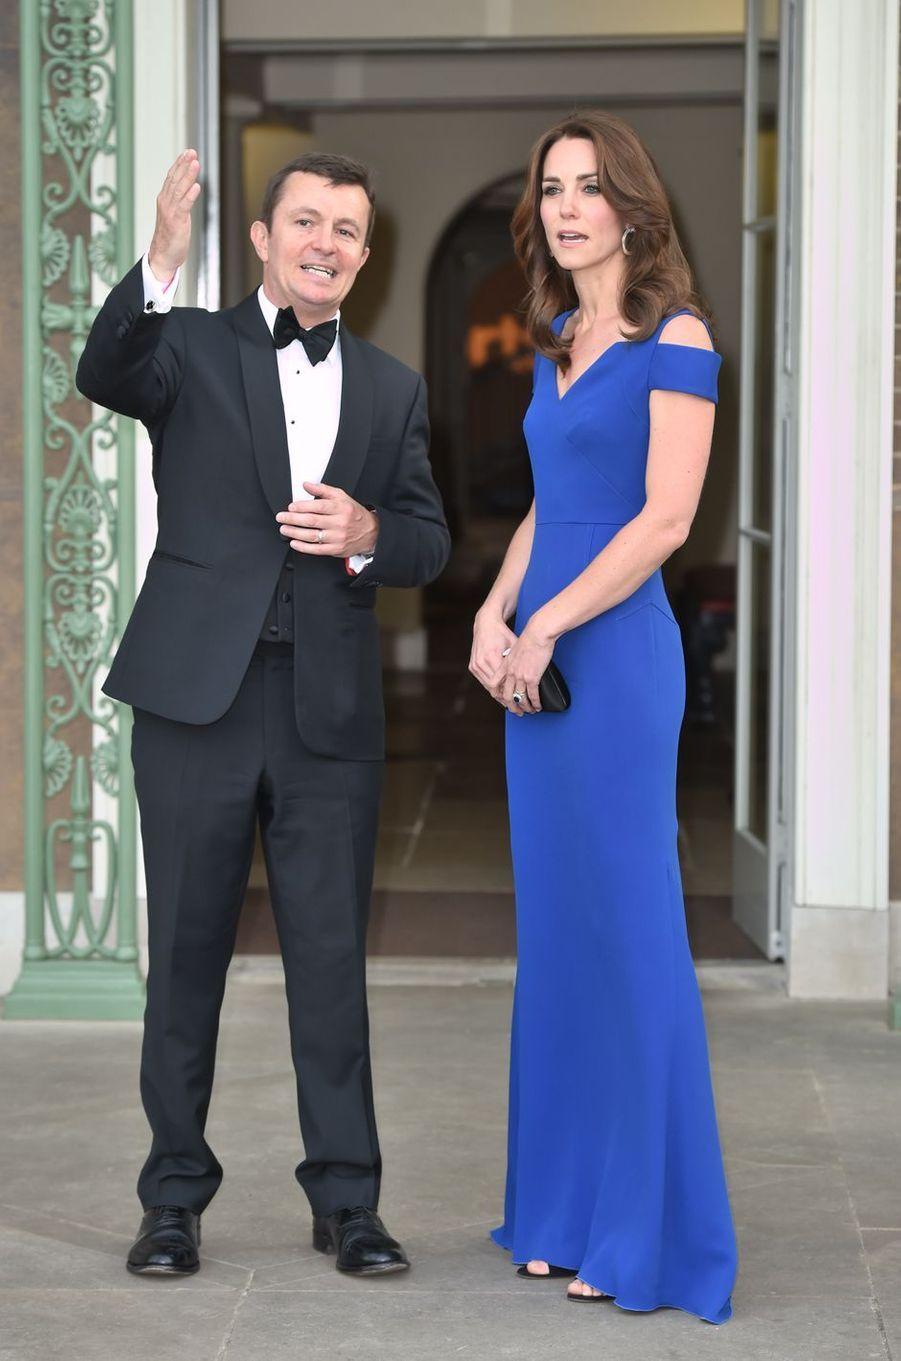 La duchesse de Cambridge, née Kate Middleton, était somptueuse dans une robe d'un bleu royal jeudi 9 juin au soir, à l'occasion d'un dîner donné en son palais de Kensington pour l'association caritative SportsAid.